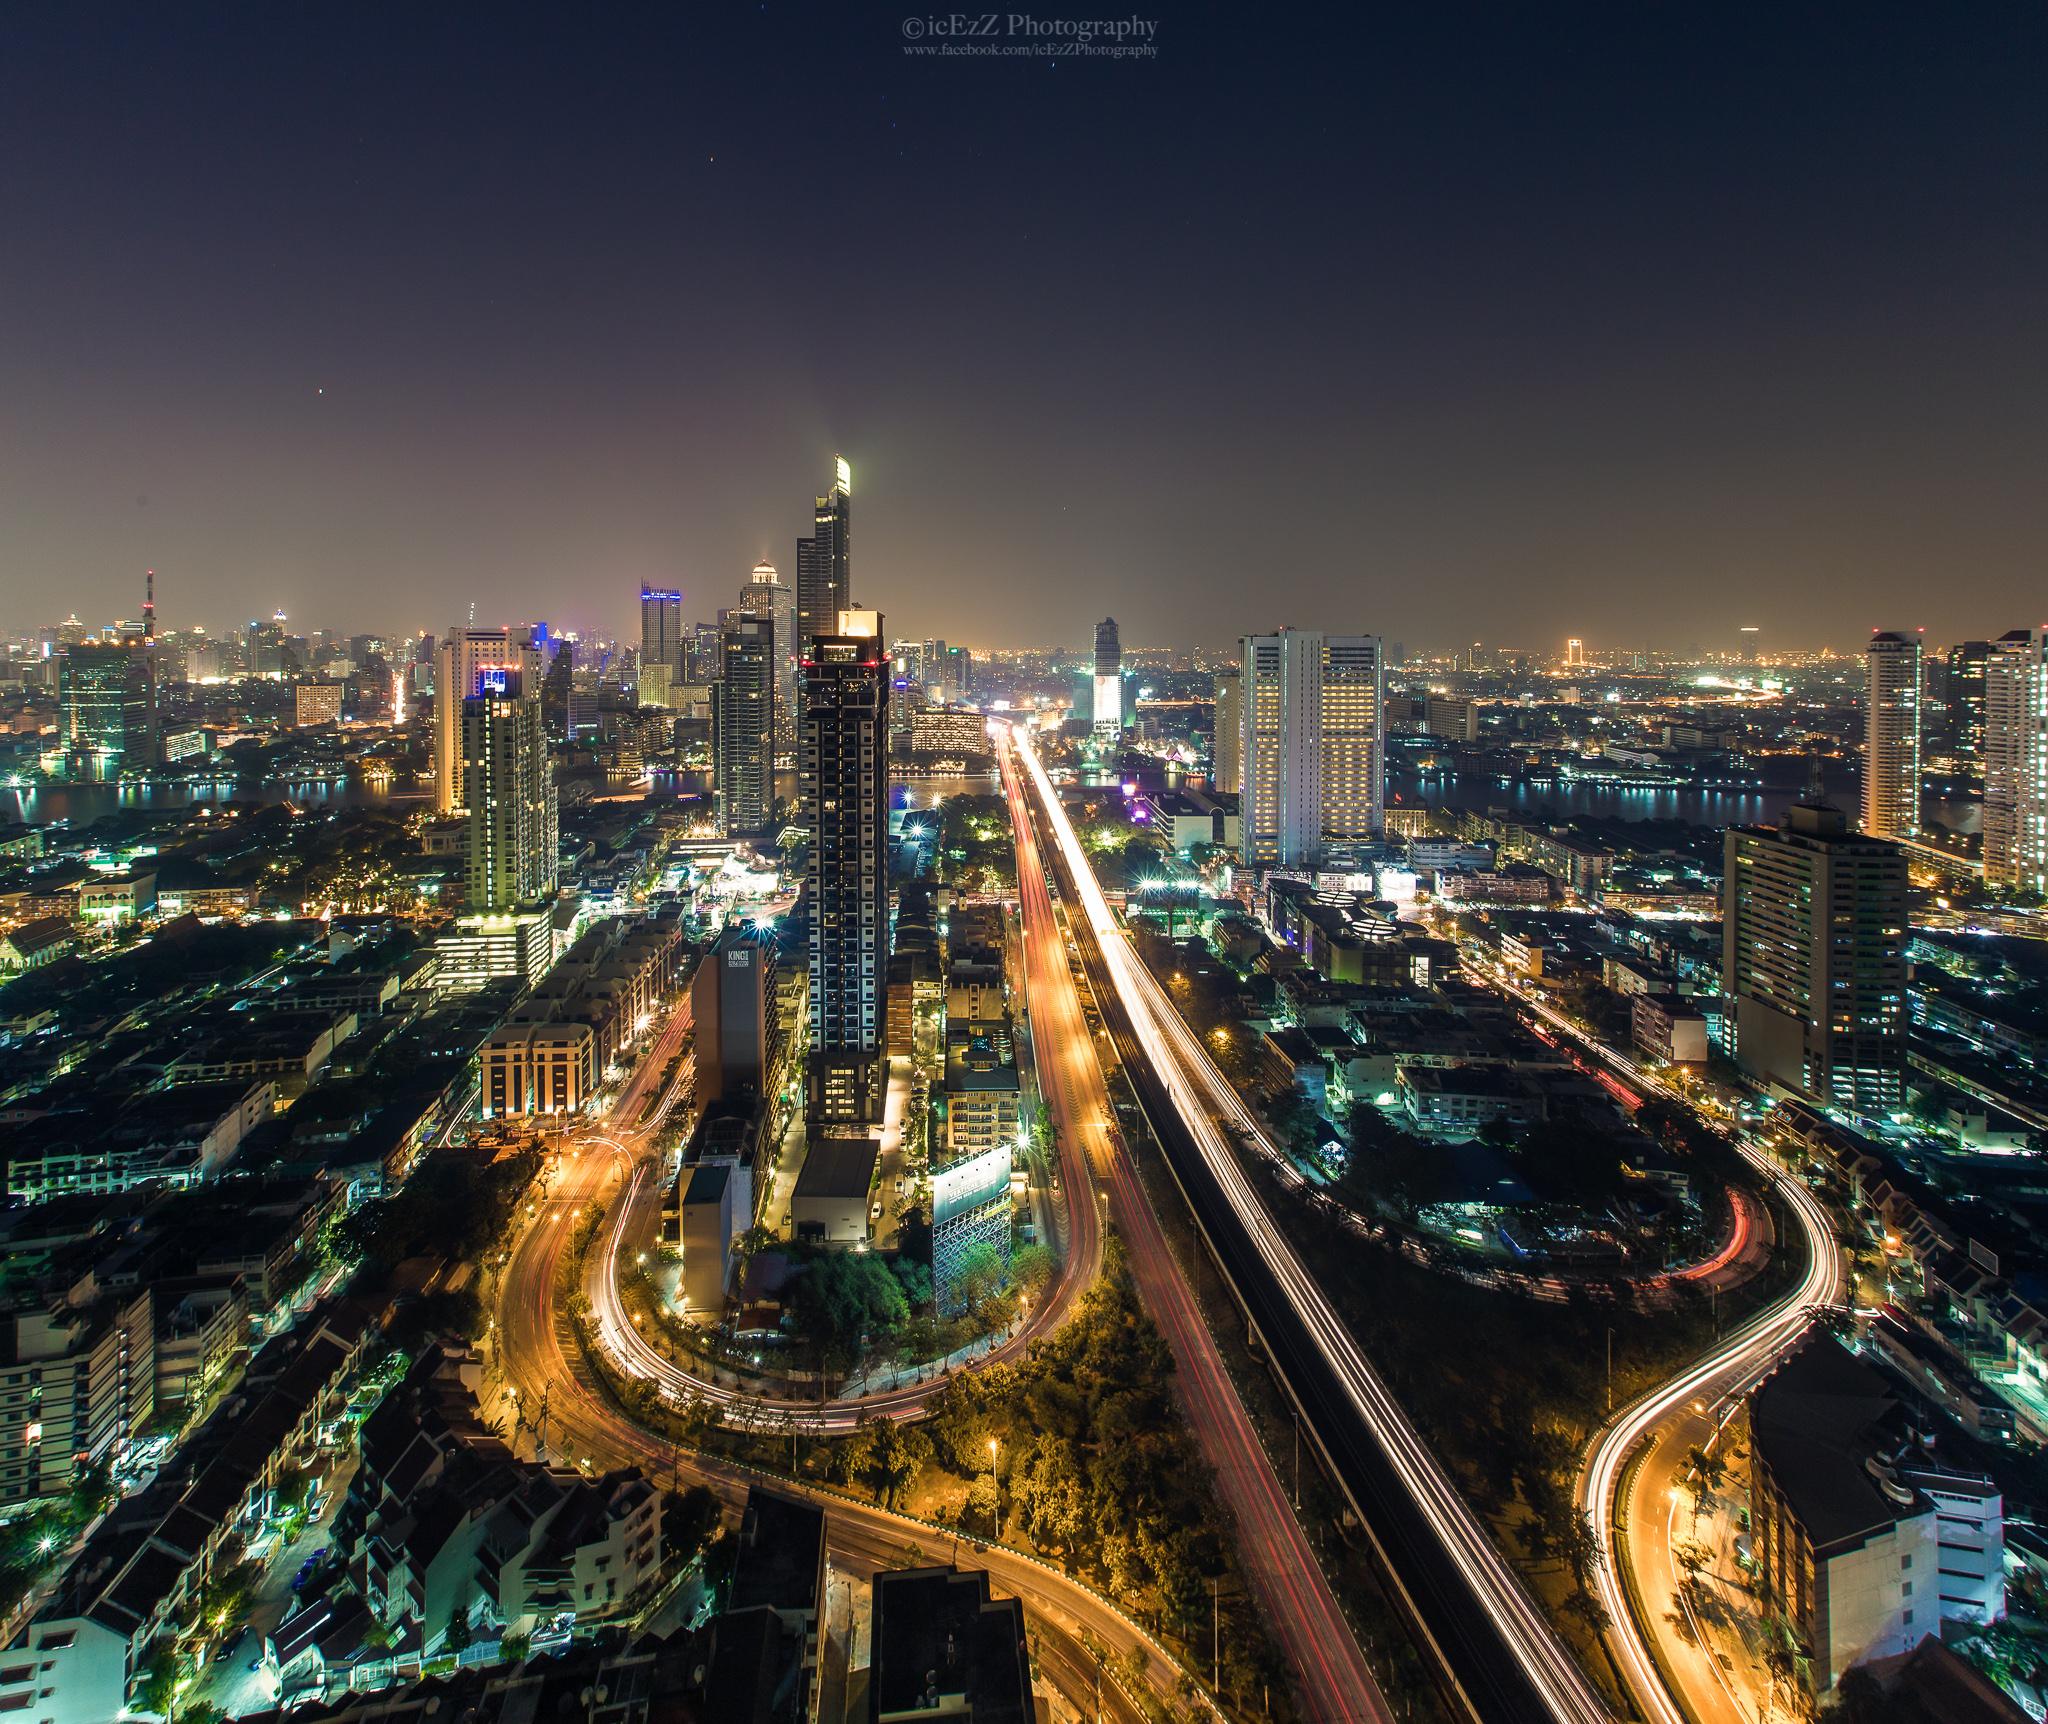 попав бангкок фото города обои для айфона новой таблицы